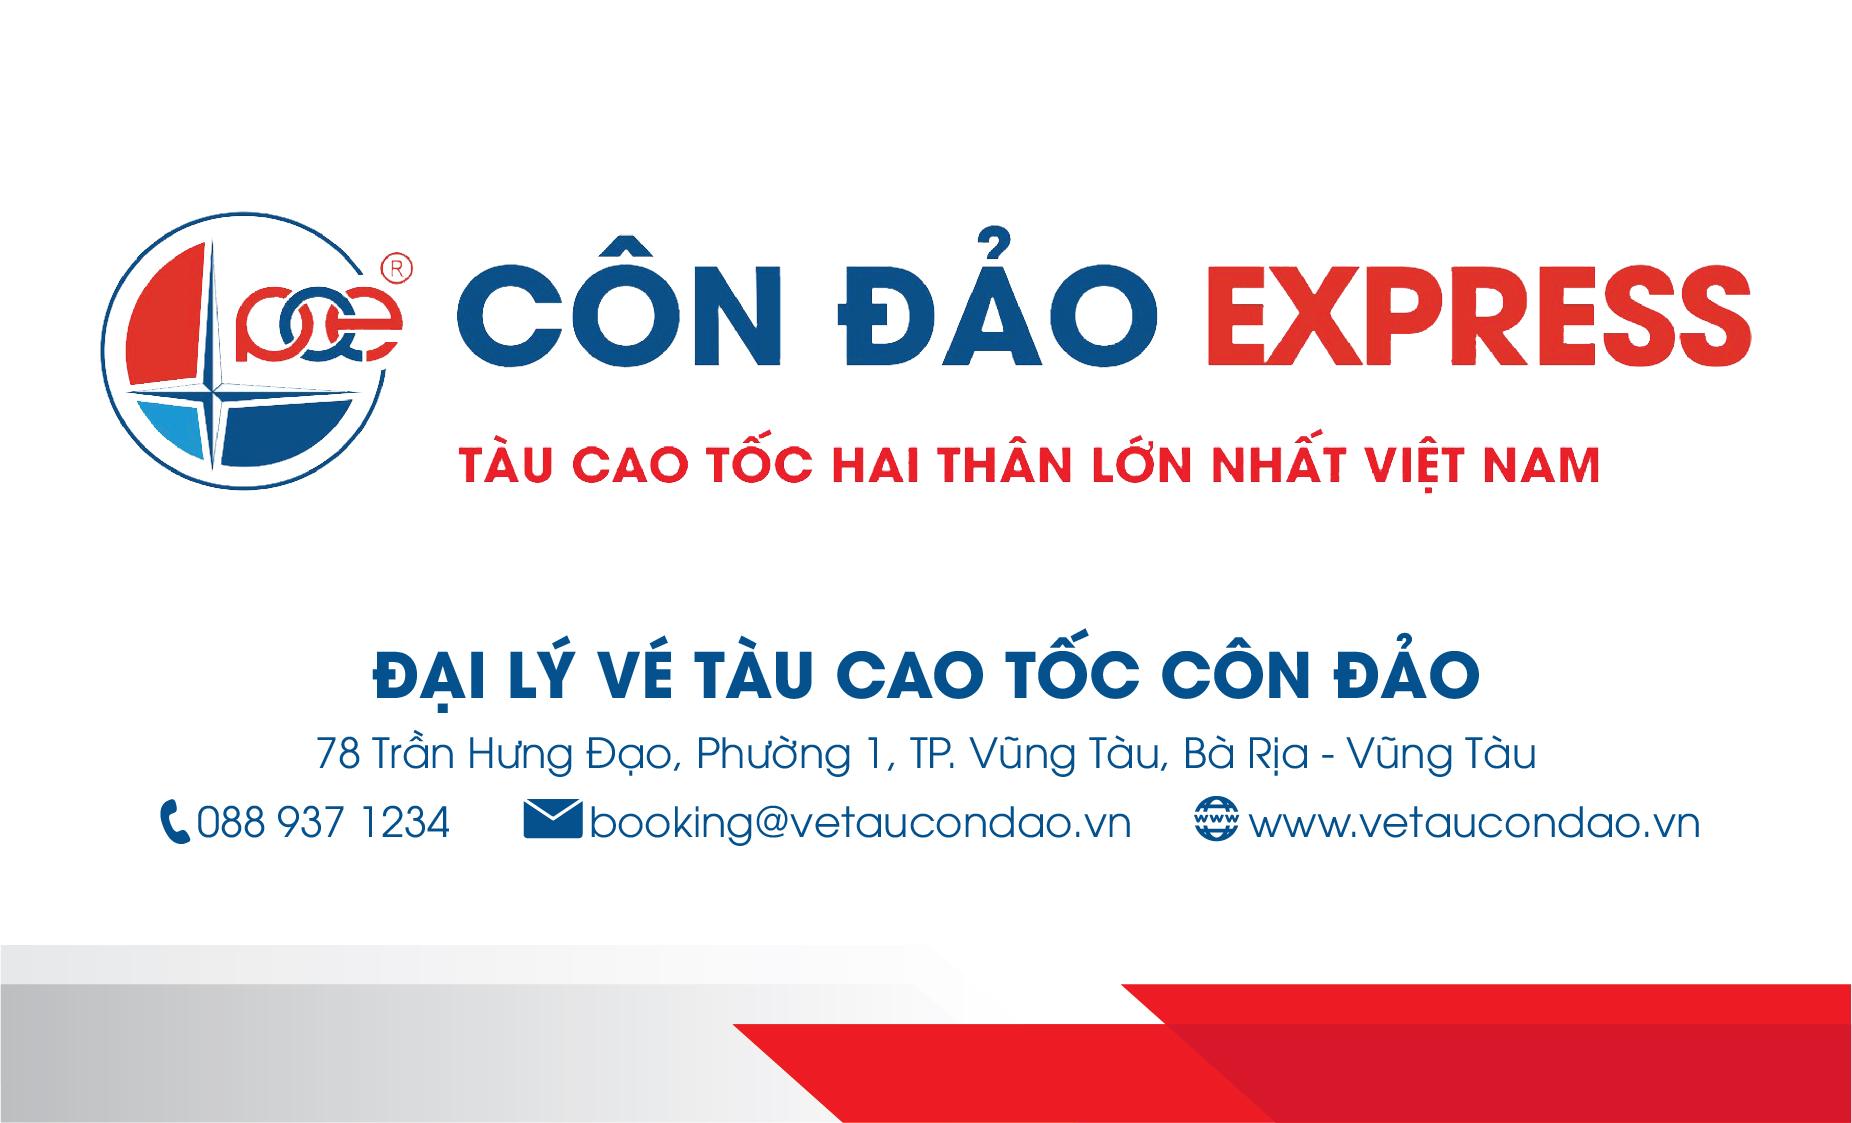 Thông tin namecard mua vé tàu cao tốc Côn Đảo Express